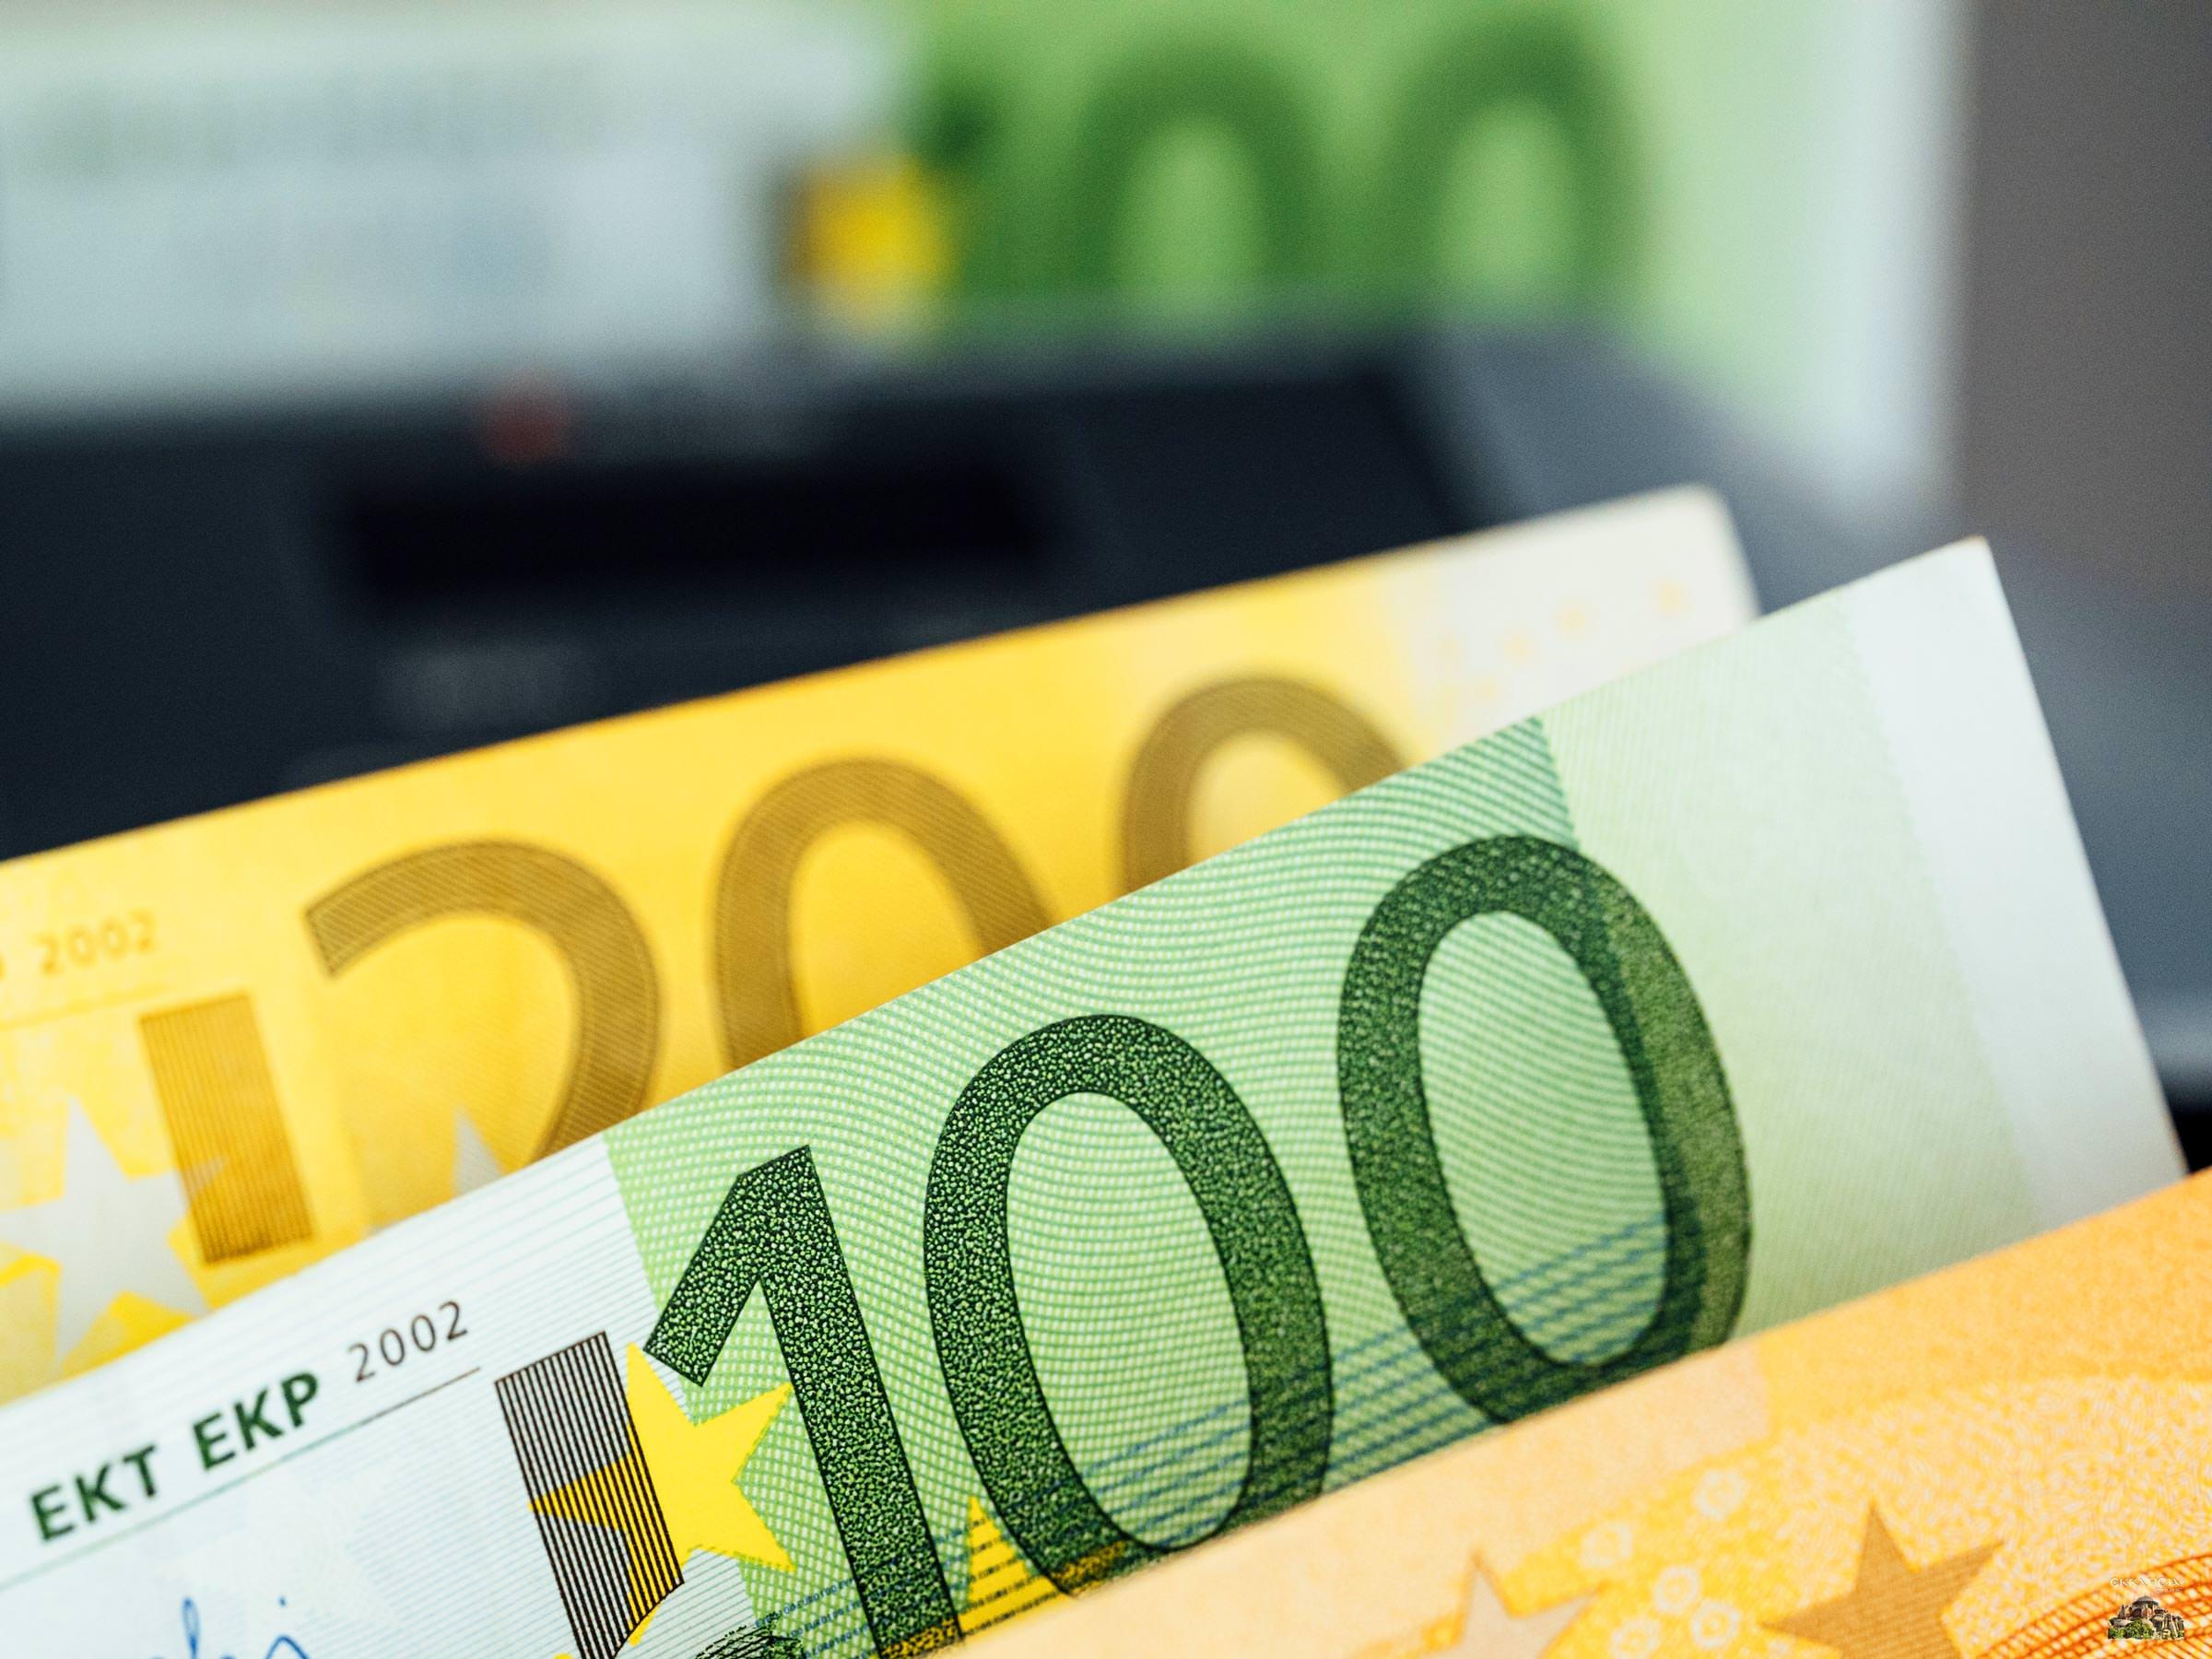 κοινωνικό μέρισμα επιδόματα χρήματα μετρητά ευρώ